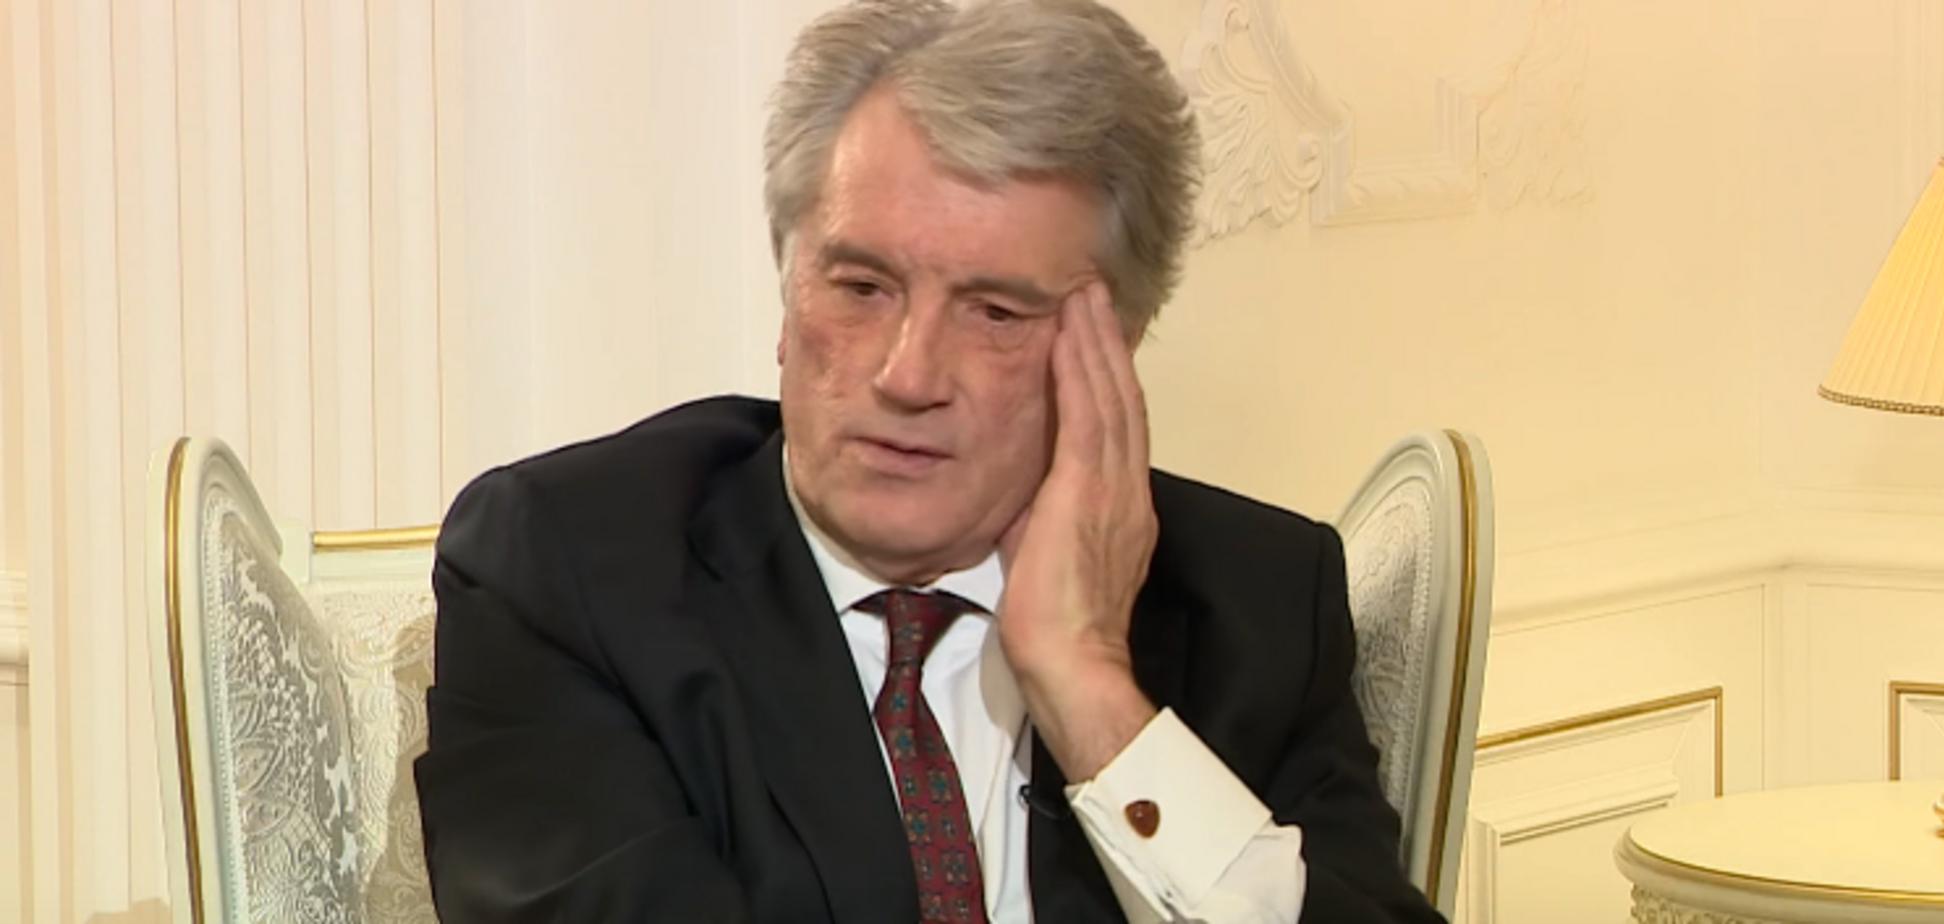 Отруєння не було? Матіос зробив гучну заяву про скандал з Ющенком